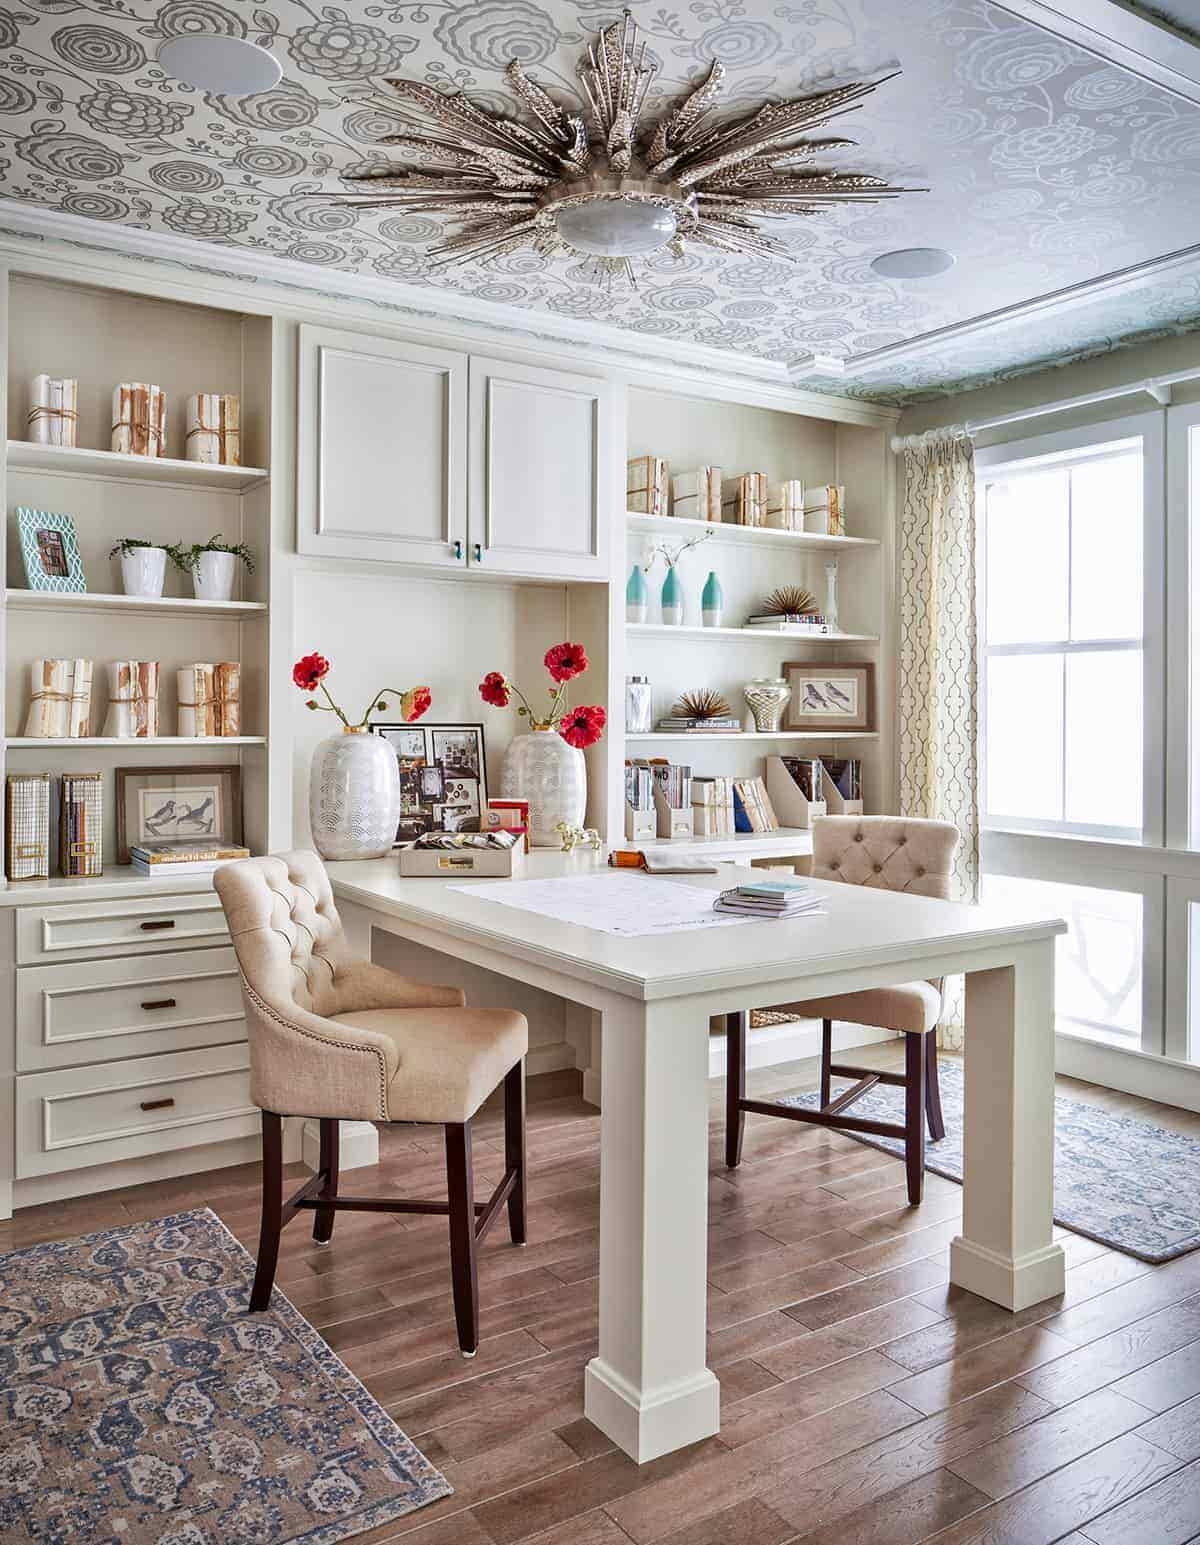 красивый дизайн потолка в квартире фото – 12